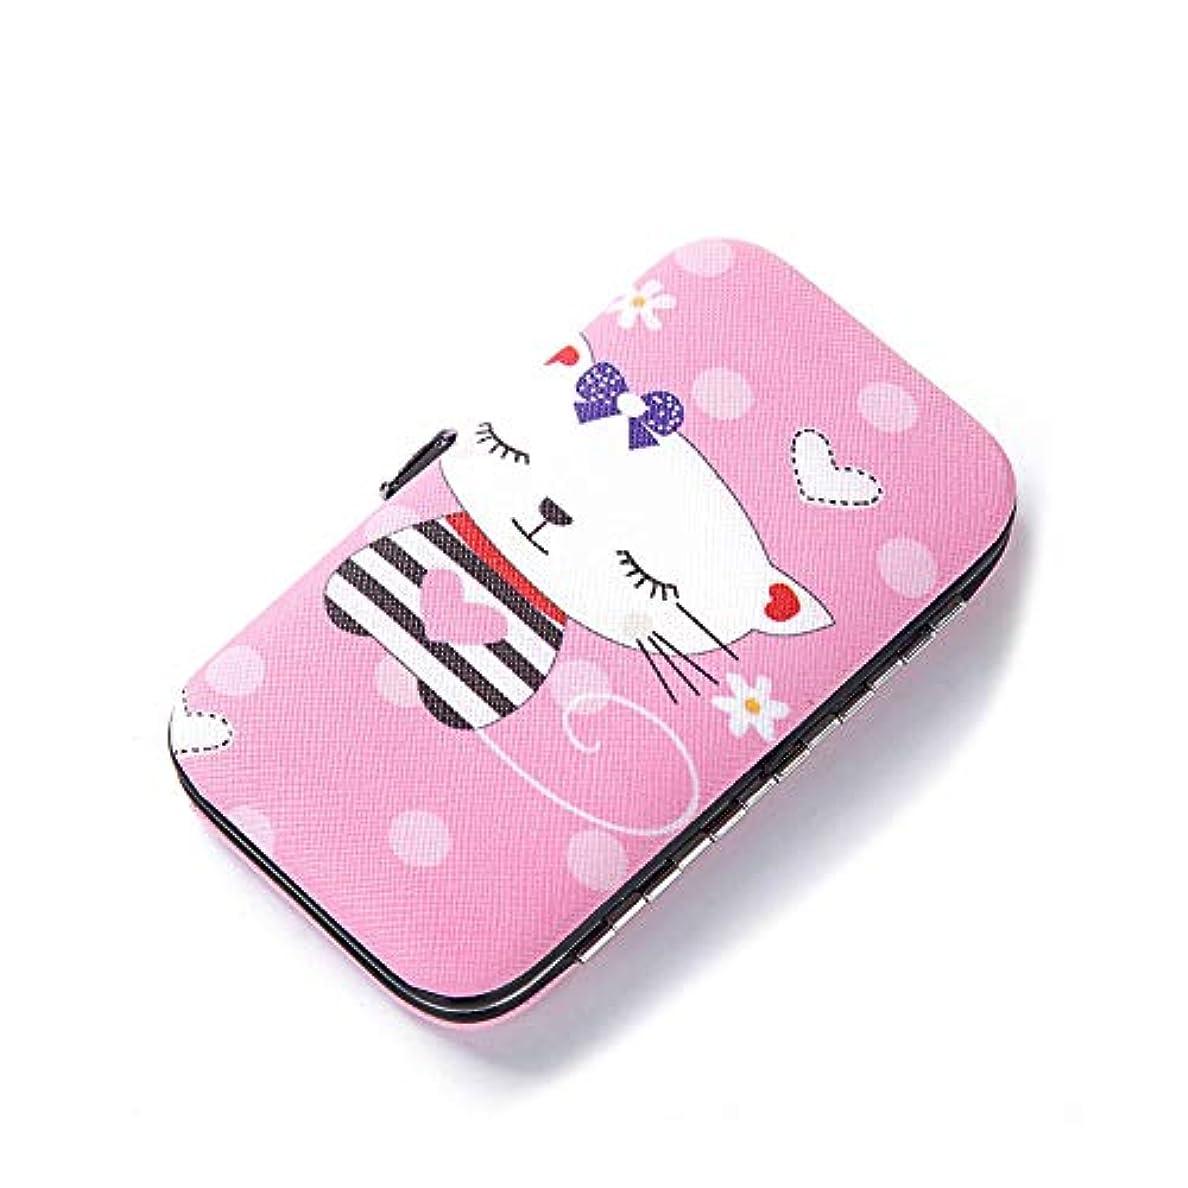 隠支店しなやかなSnner ビューティセット 爪切り 爪磨き 毛抜き ハサミ 耳かき 携帯 持ち運び 旅行 キャラクター (Pink cat)